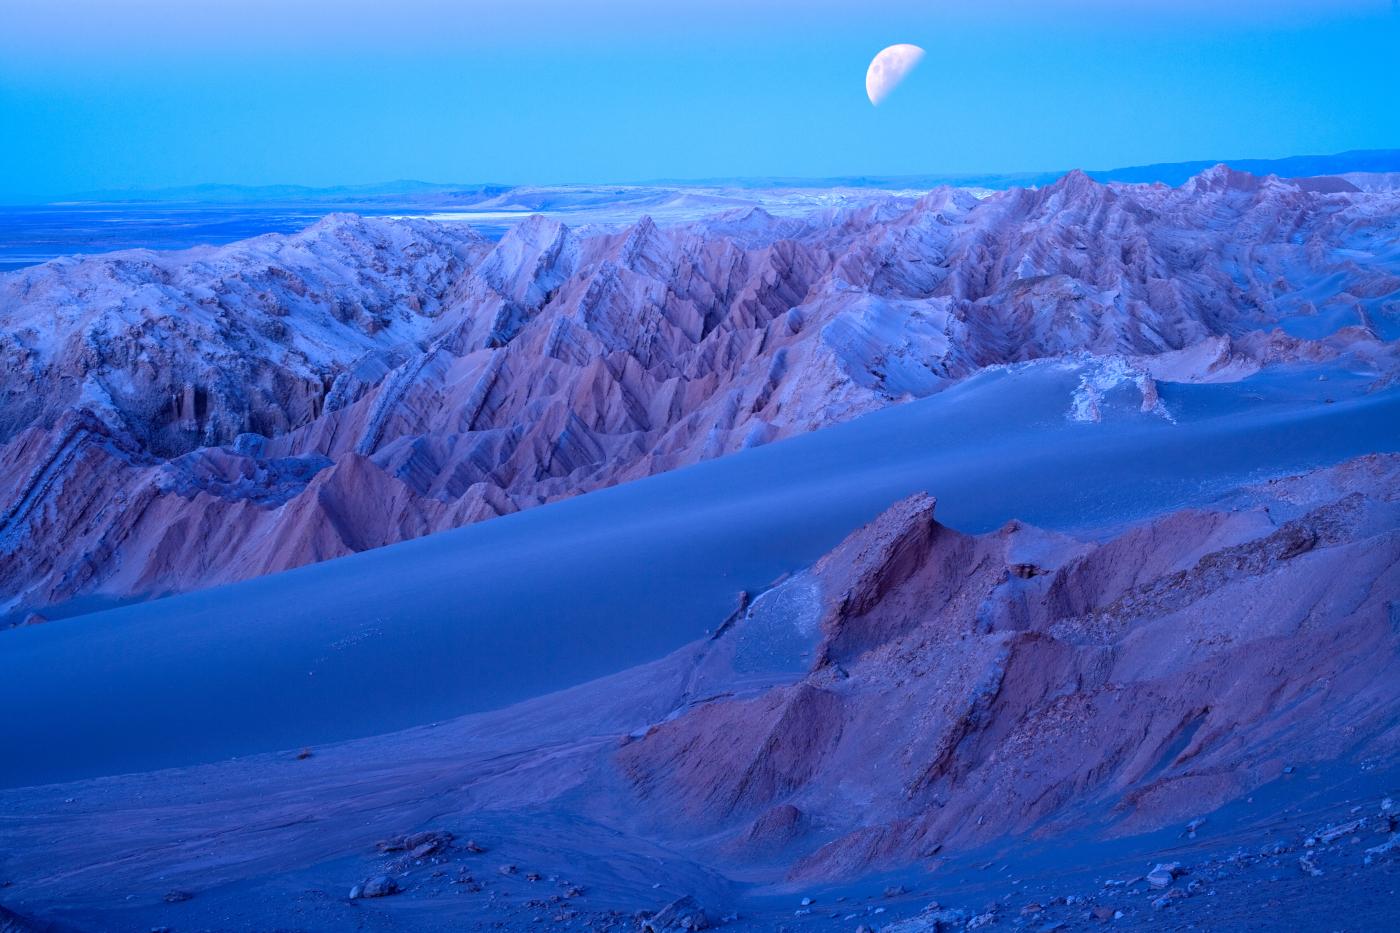 Imagen del Valle de la Luna en el desierto de Atacama